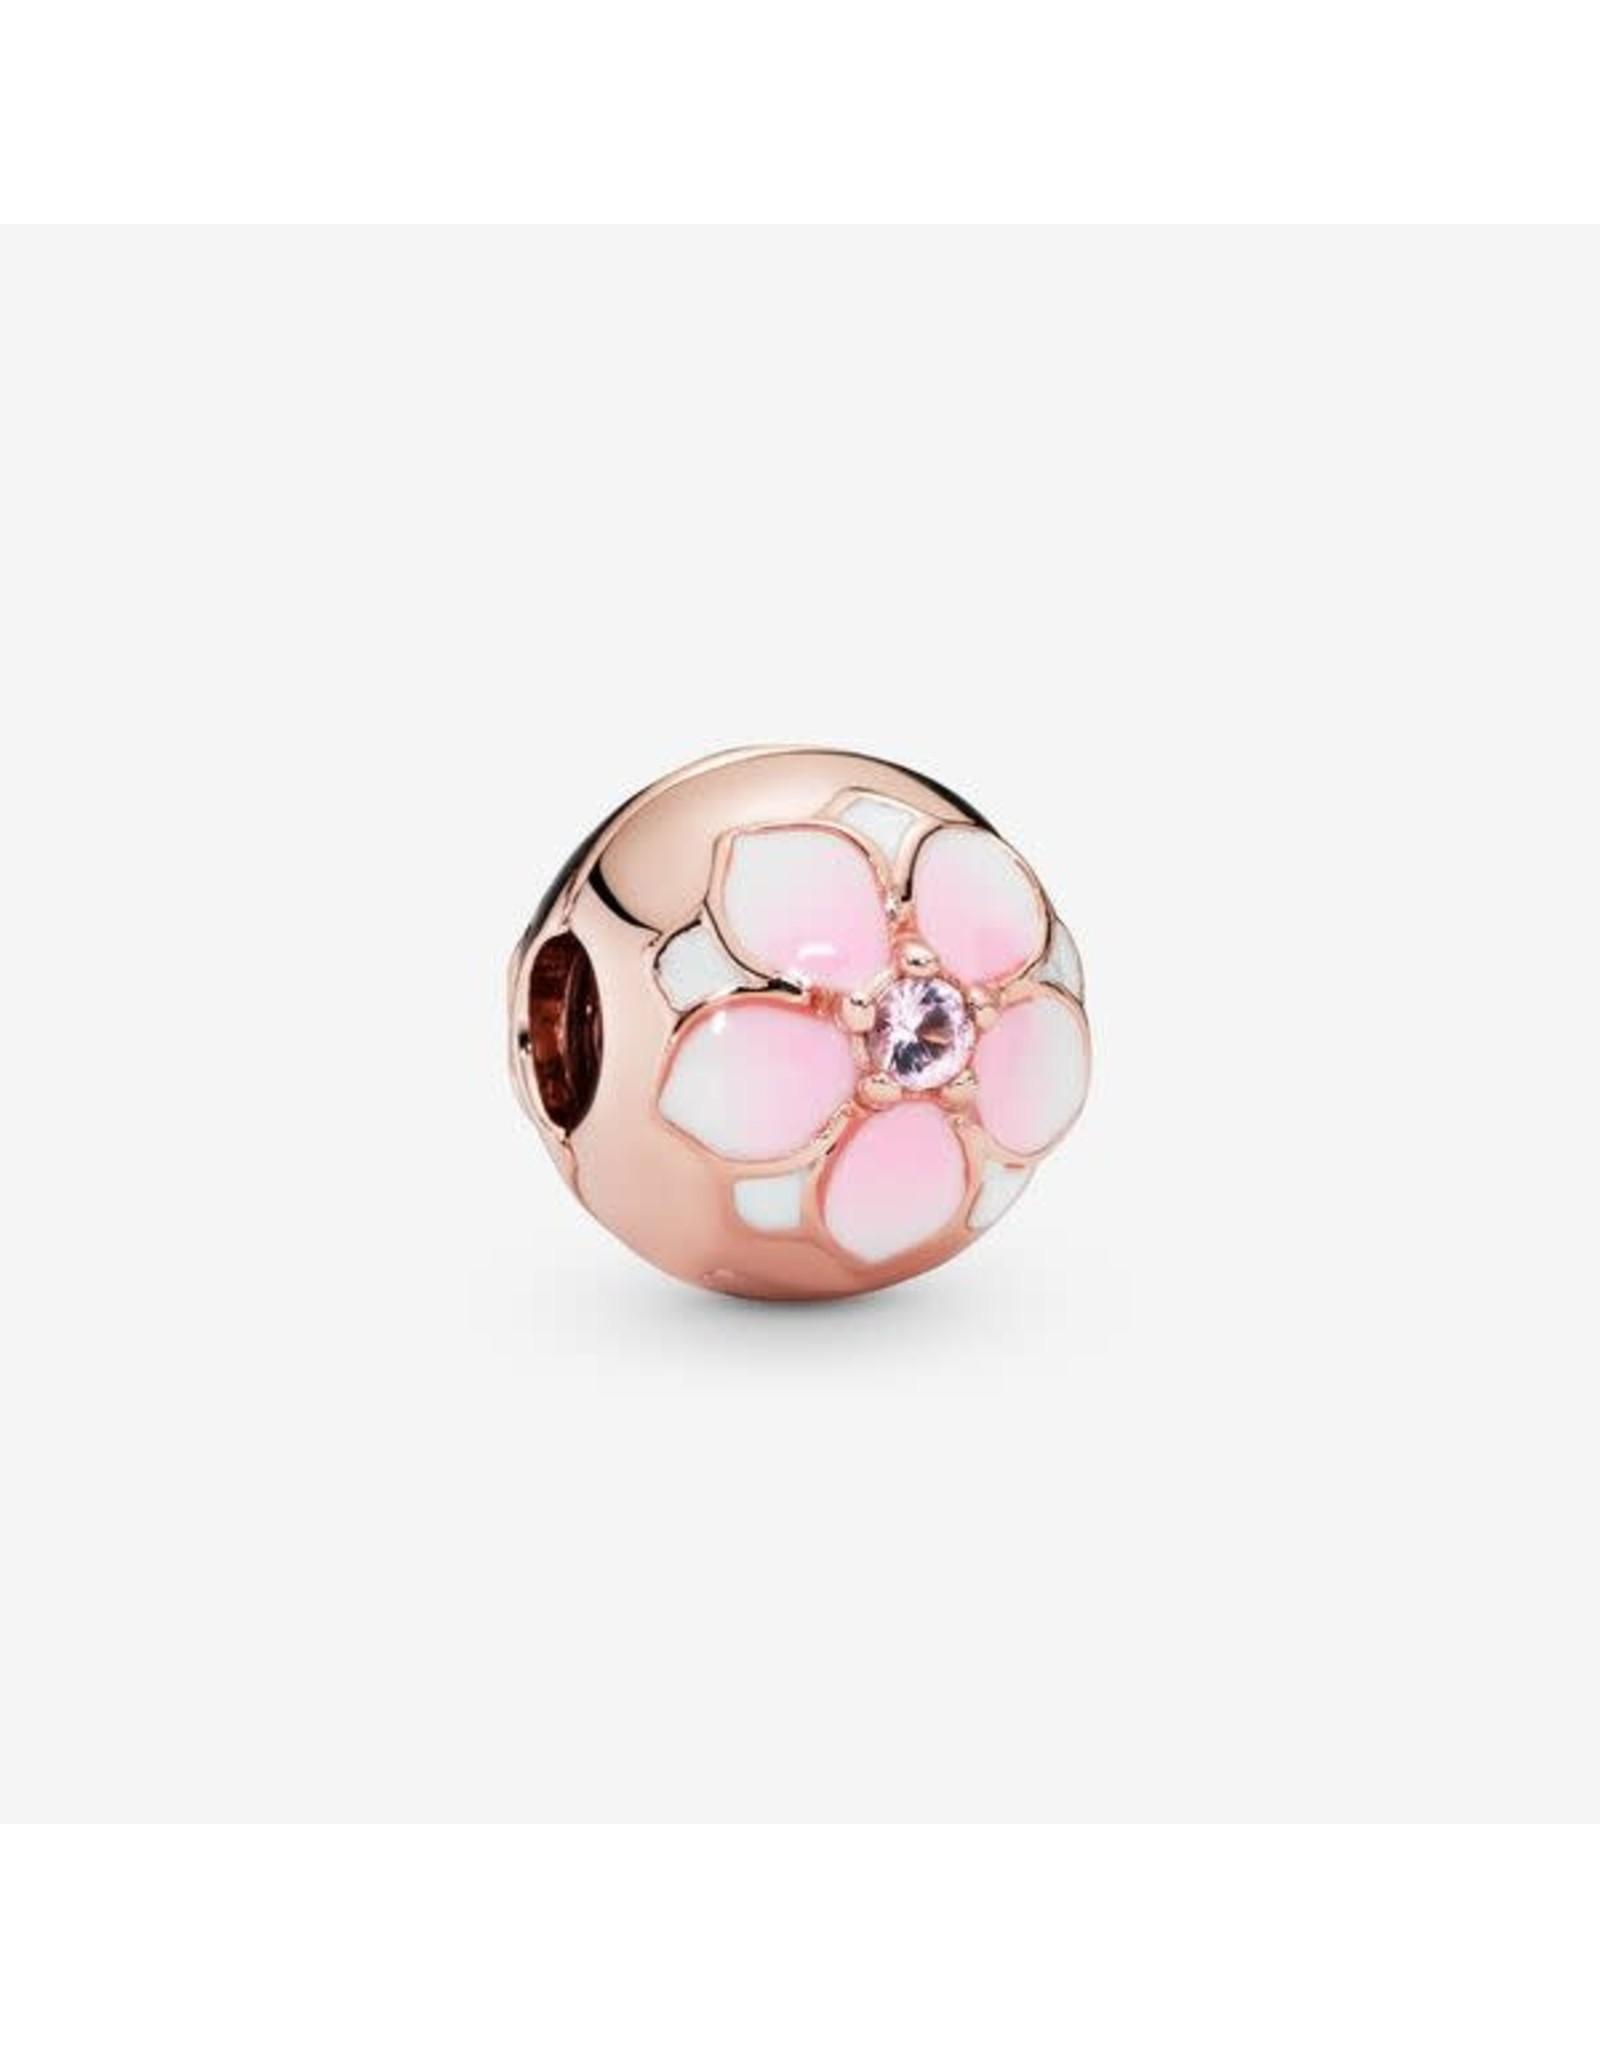 Pandora Pandora Clip, Rose Gold Magnolia, Blush Pink Crystals, White & Cerise Enamel